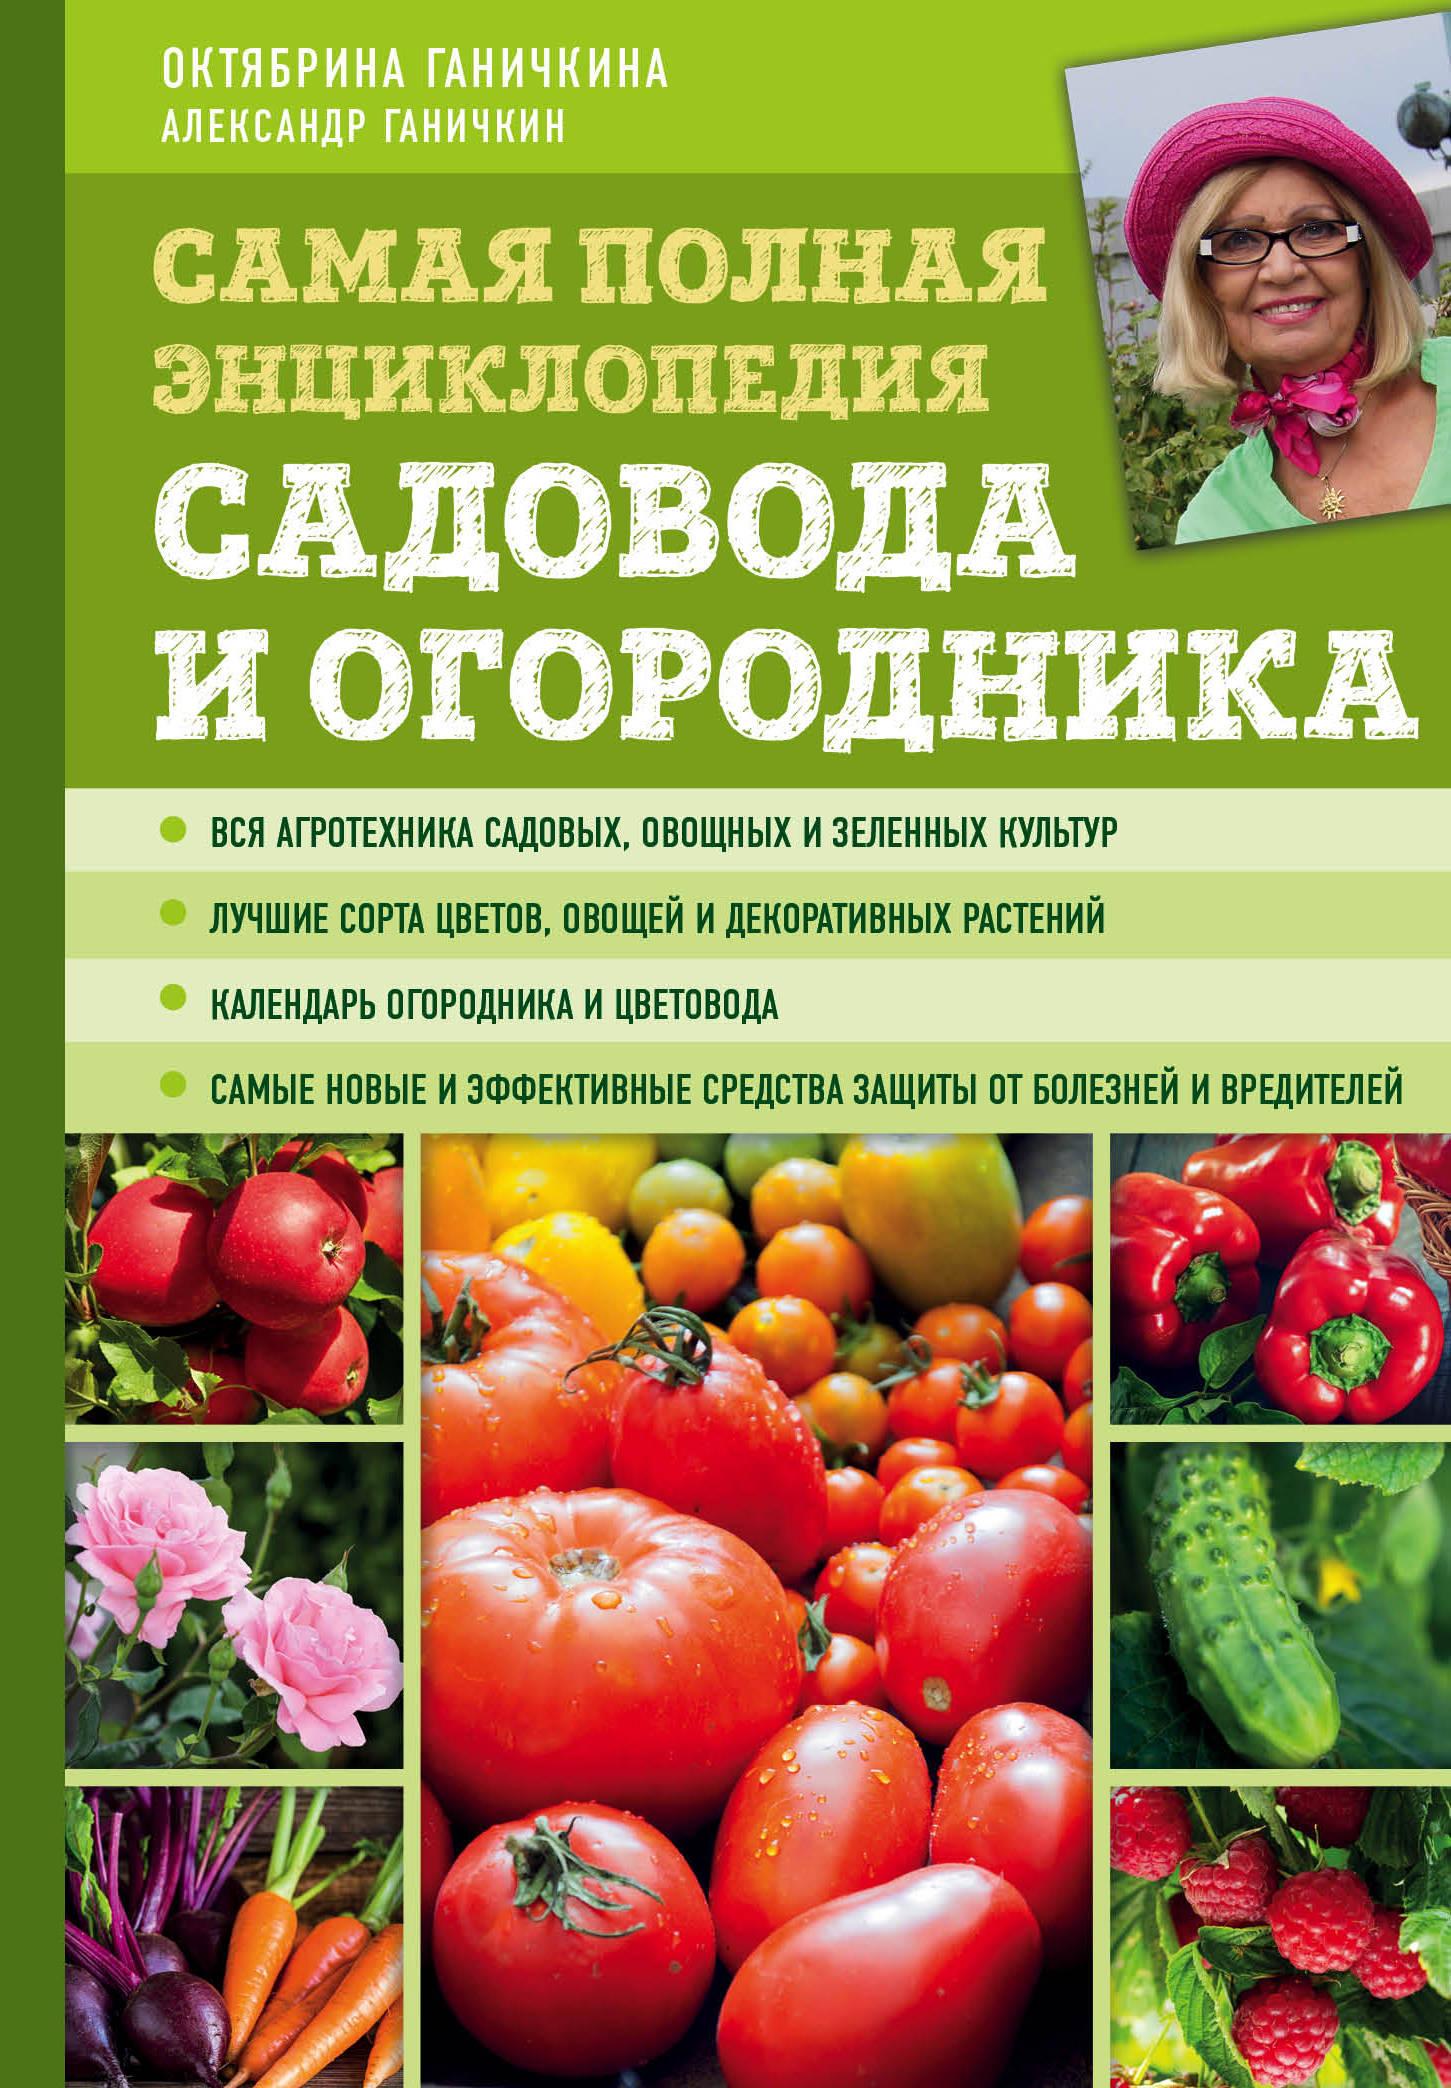 Самая полная энциклопедия садовода и огородника (зеленое оформление)